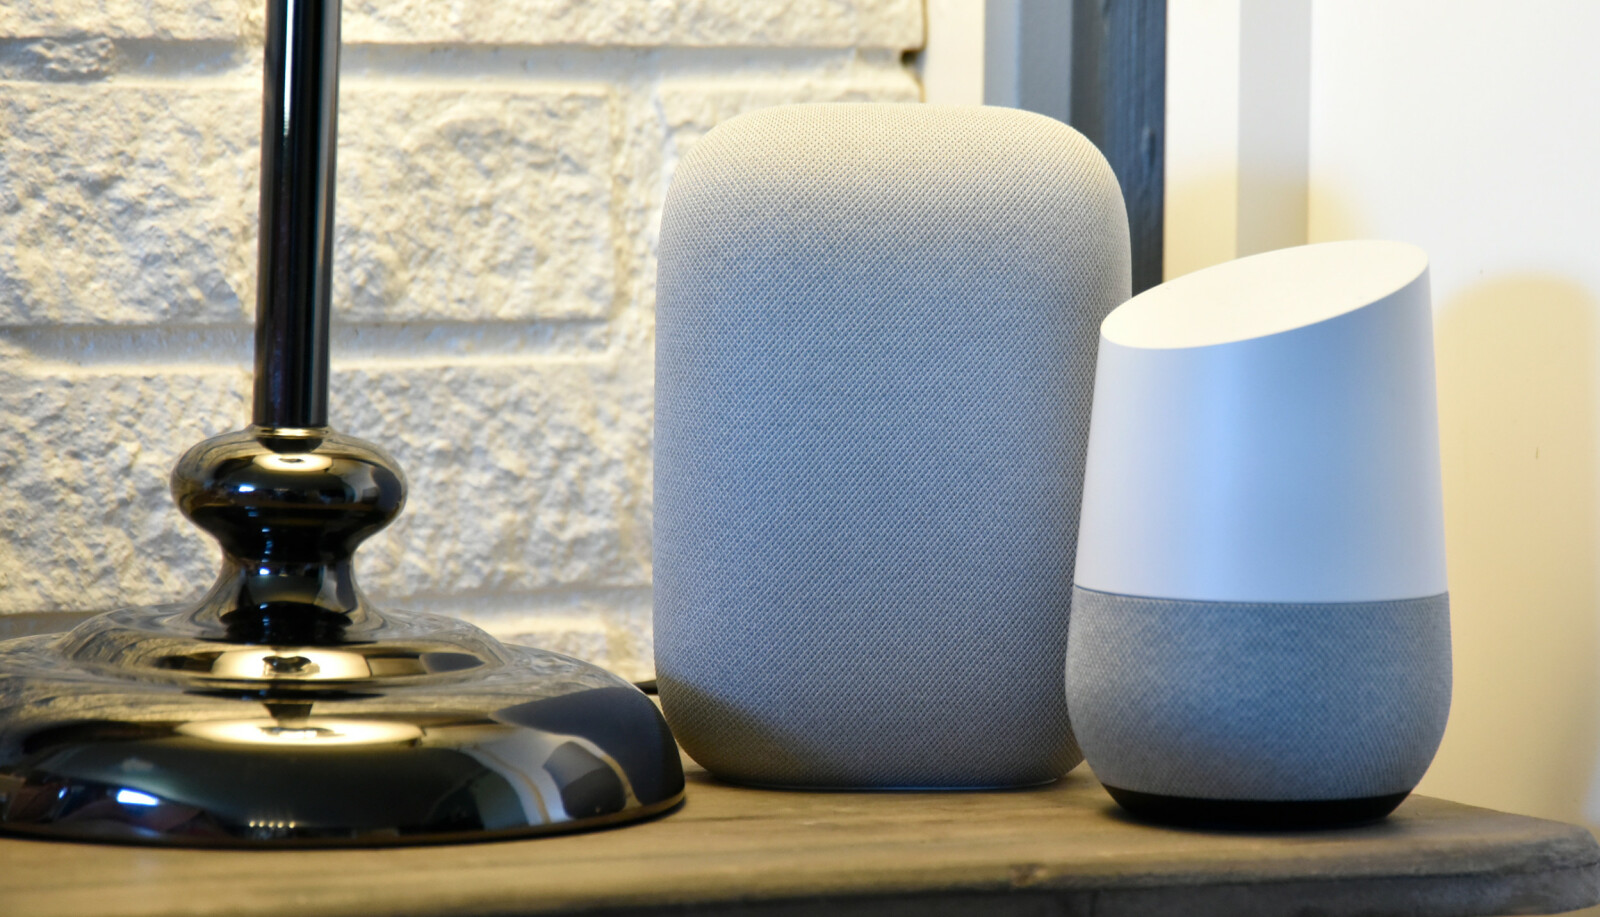 LITT STØRRE: Nest Audio er noe større enn sin «forgjenger» Google Home, som var den største av Googles høyttalere da de ble lansert på det norske markedet. Foto: Pål Joakim Pollen